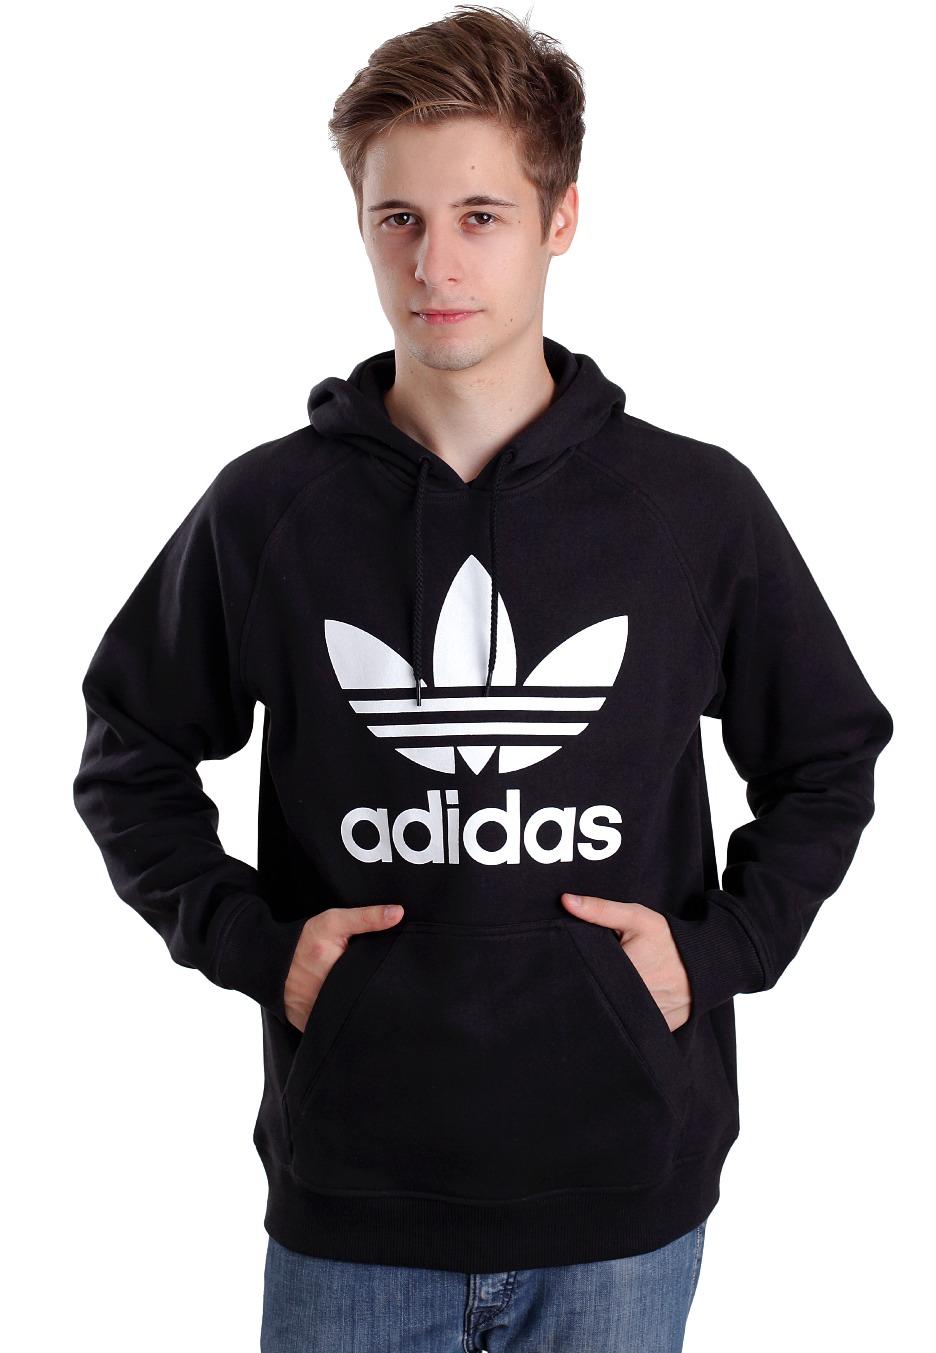 Adidas Raglan Trefoil Hoodie